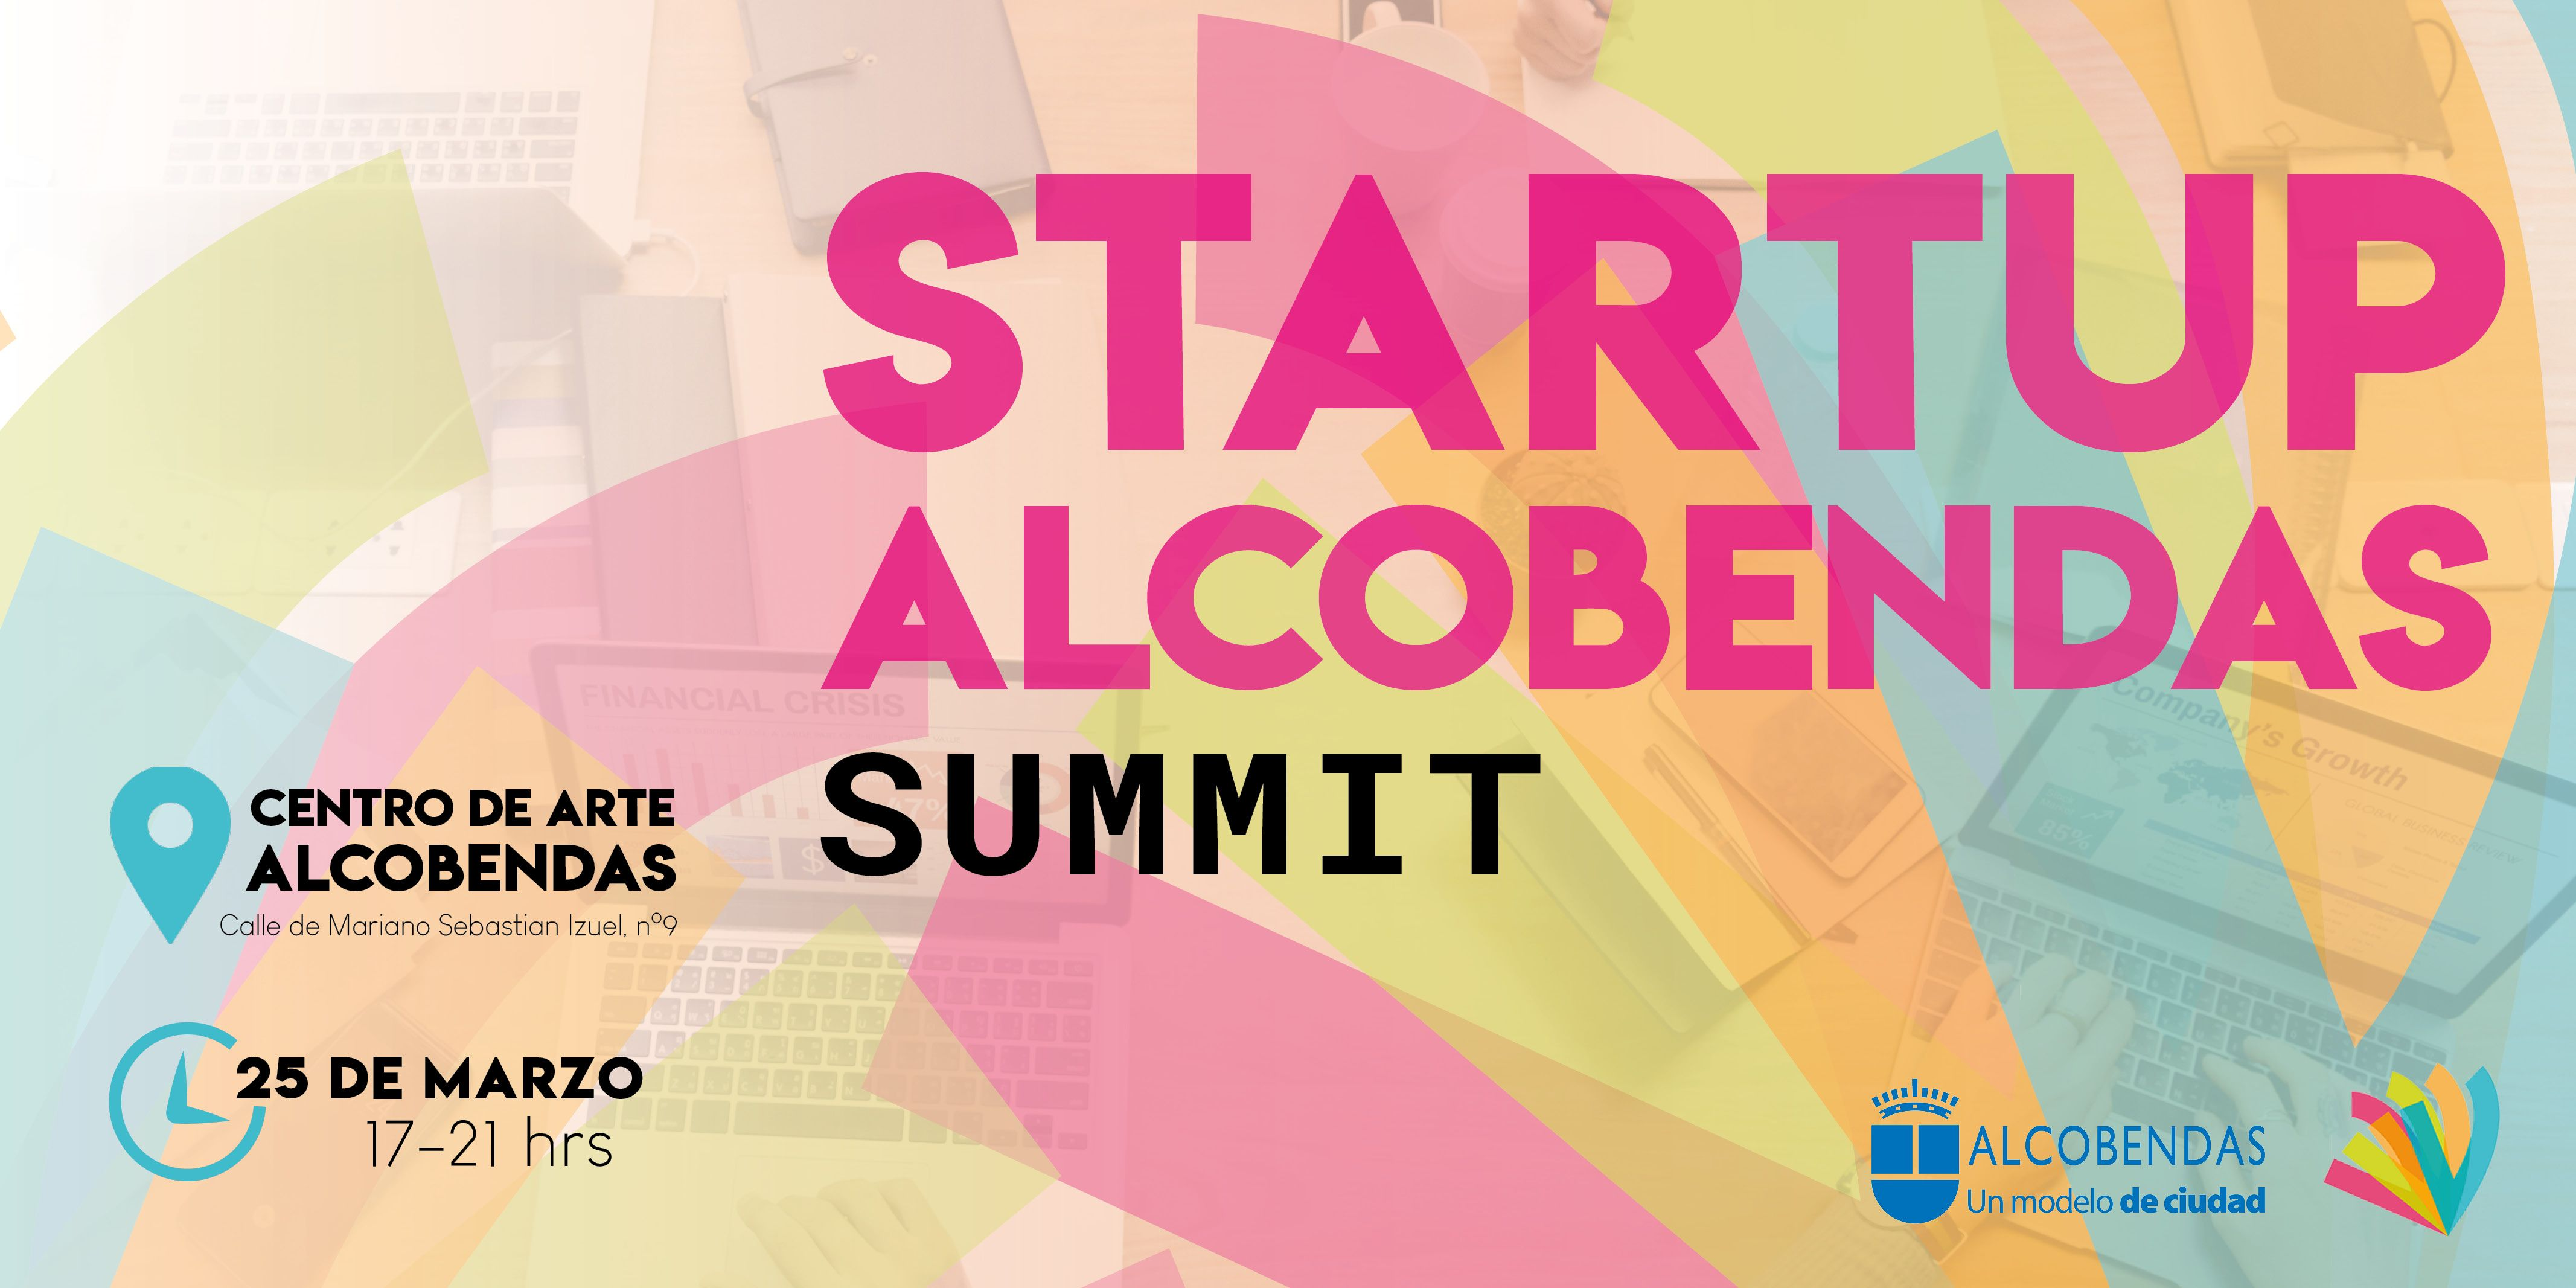 Foto de Invitación Startup Alcobendas SUMMIT